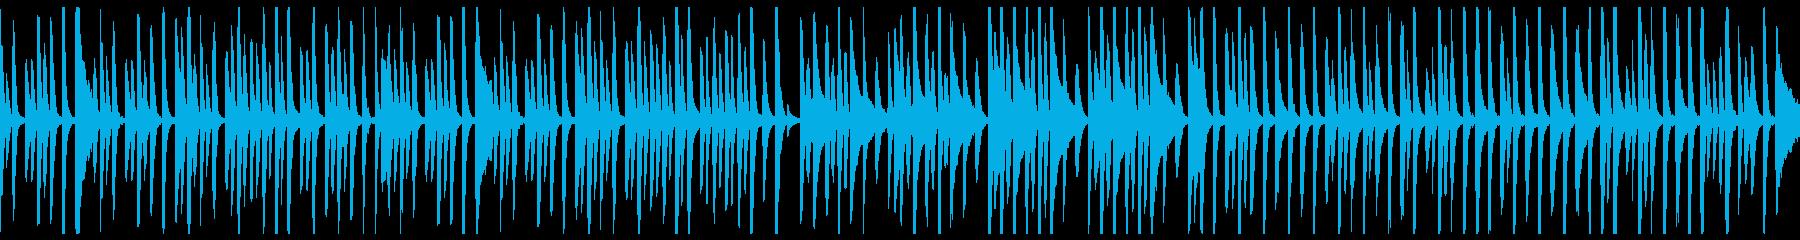 ほのぼのとした日常のピアノ曲(ループ可)の再生済みの波形